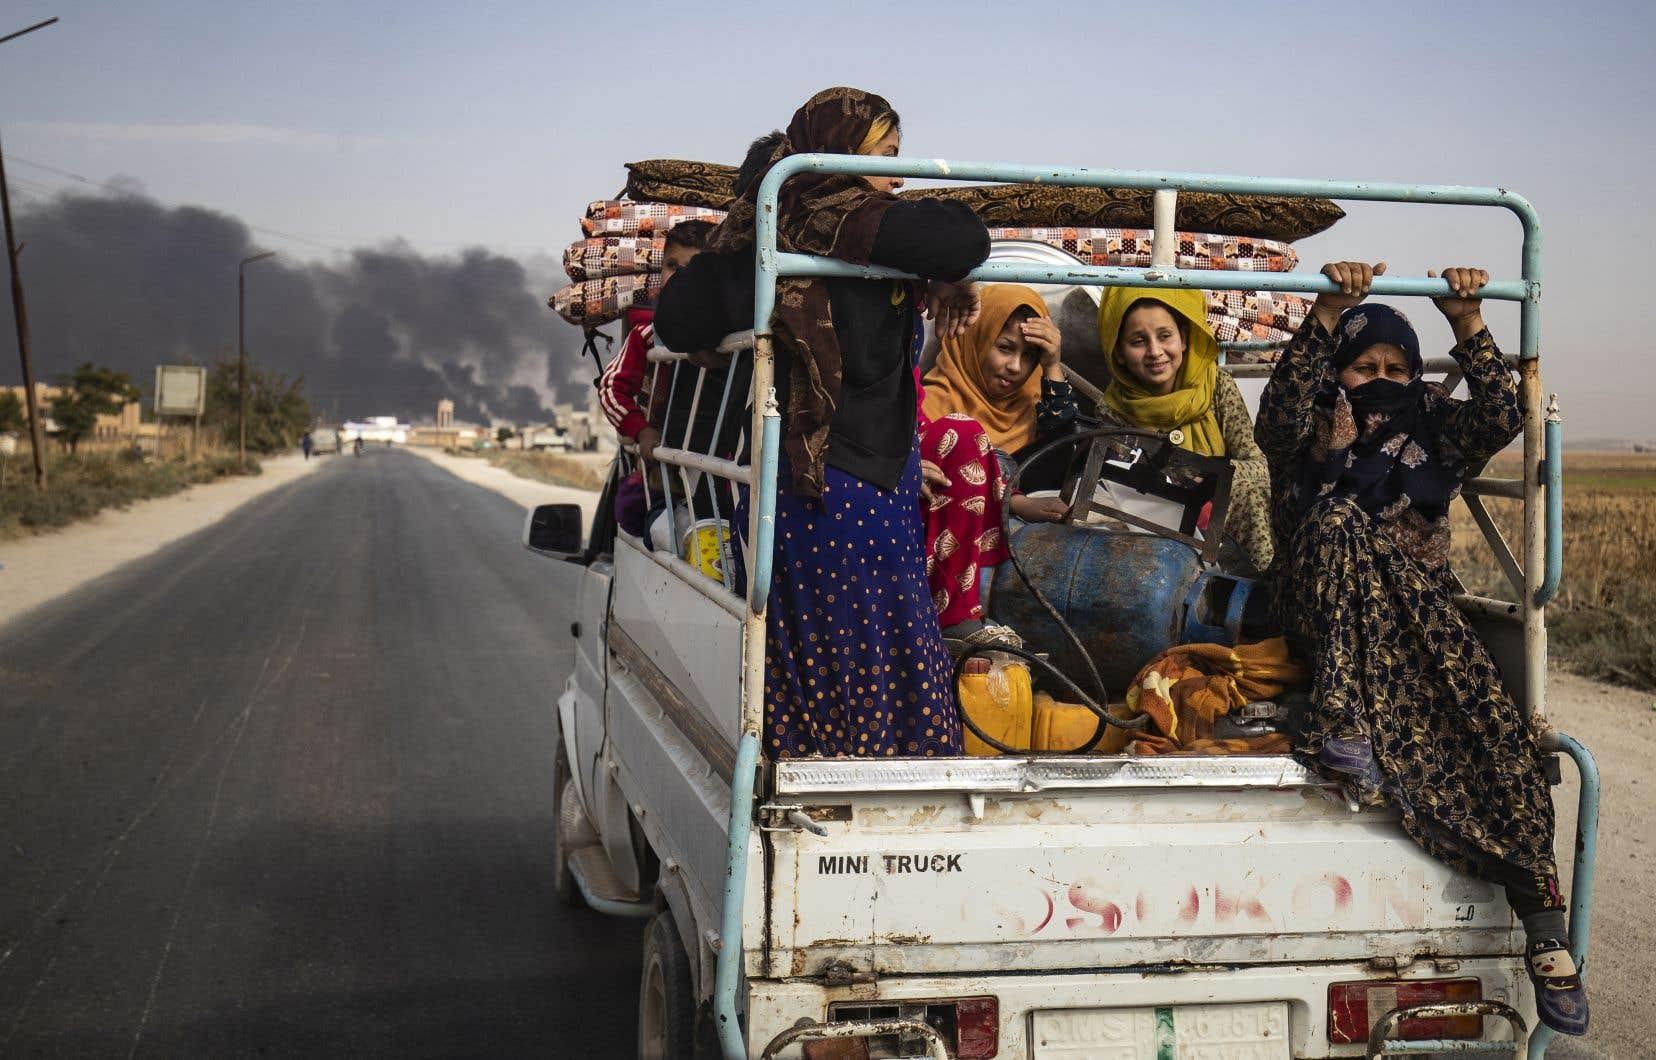 L'offensive turque a provoqué l'exode de 160 000 personnes dans le nord de la Syrie, d'après l'ONU.